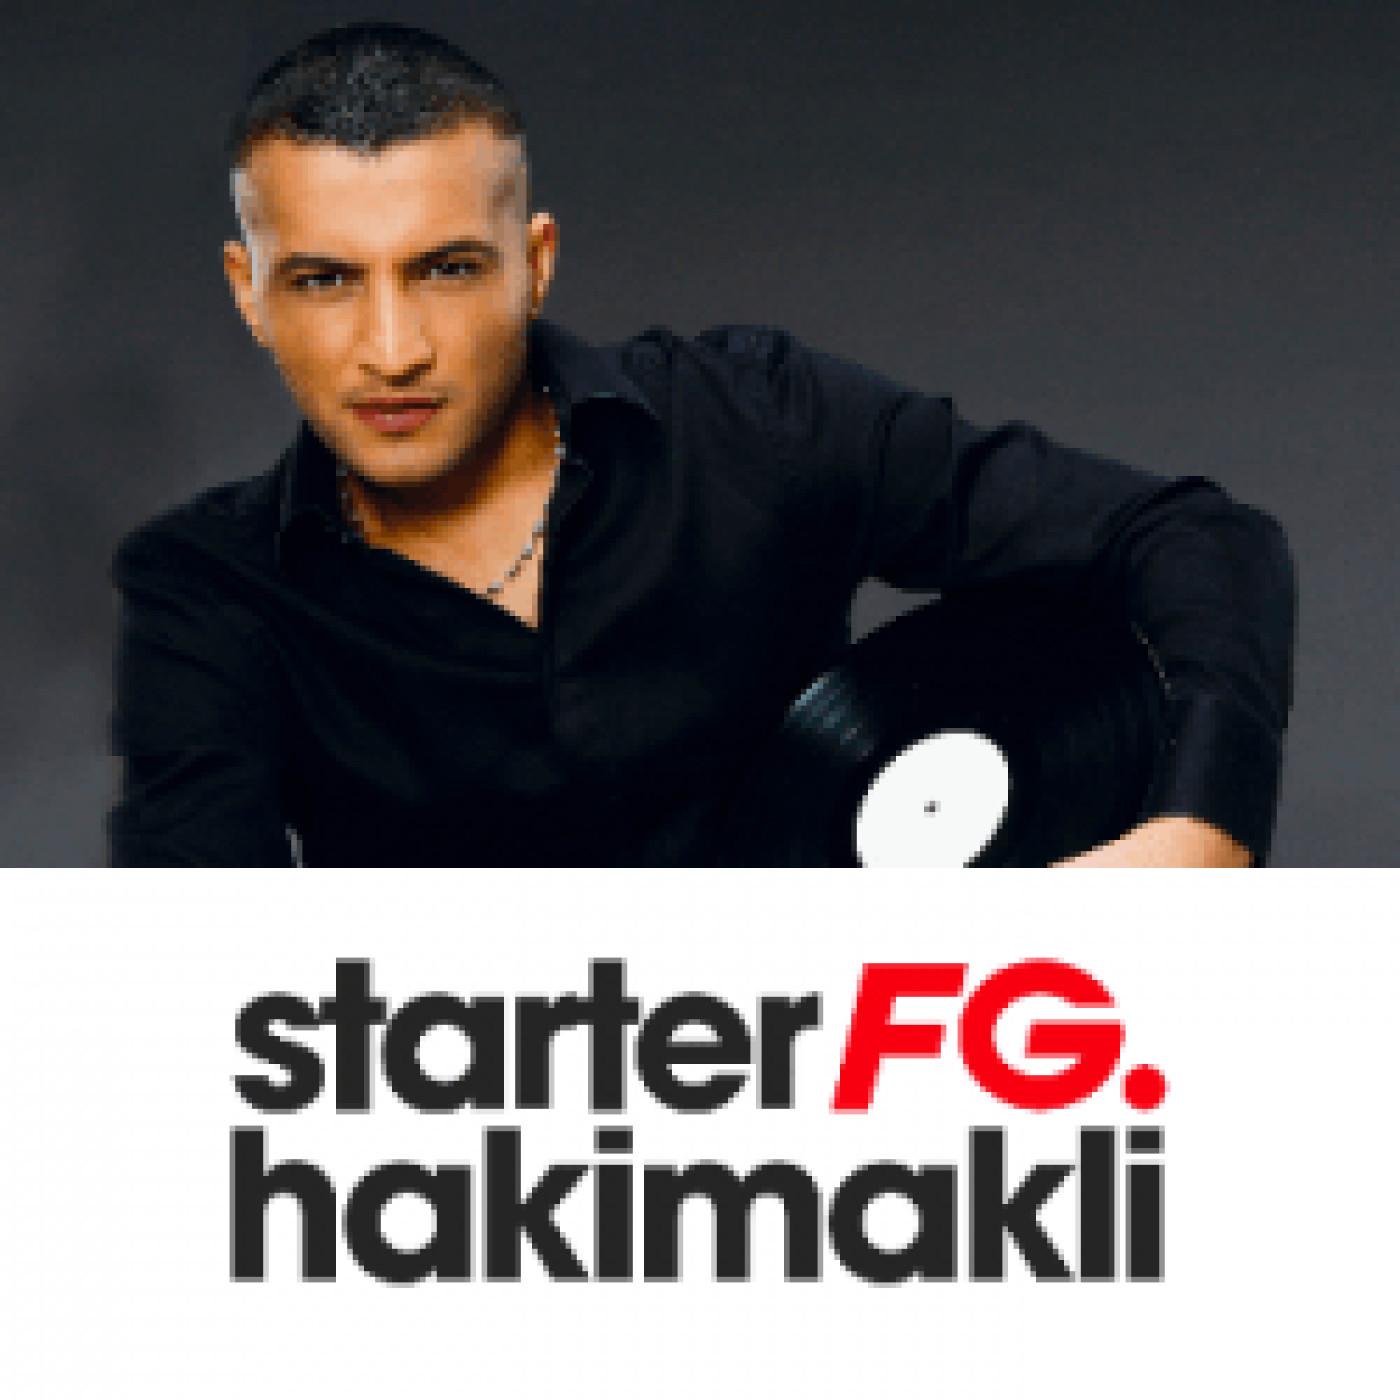 STARTER FG BY HAKIMAKLI LUNDI 30 NOVEMBRE 2020